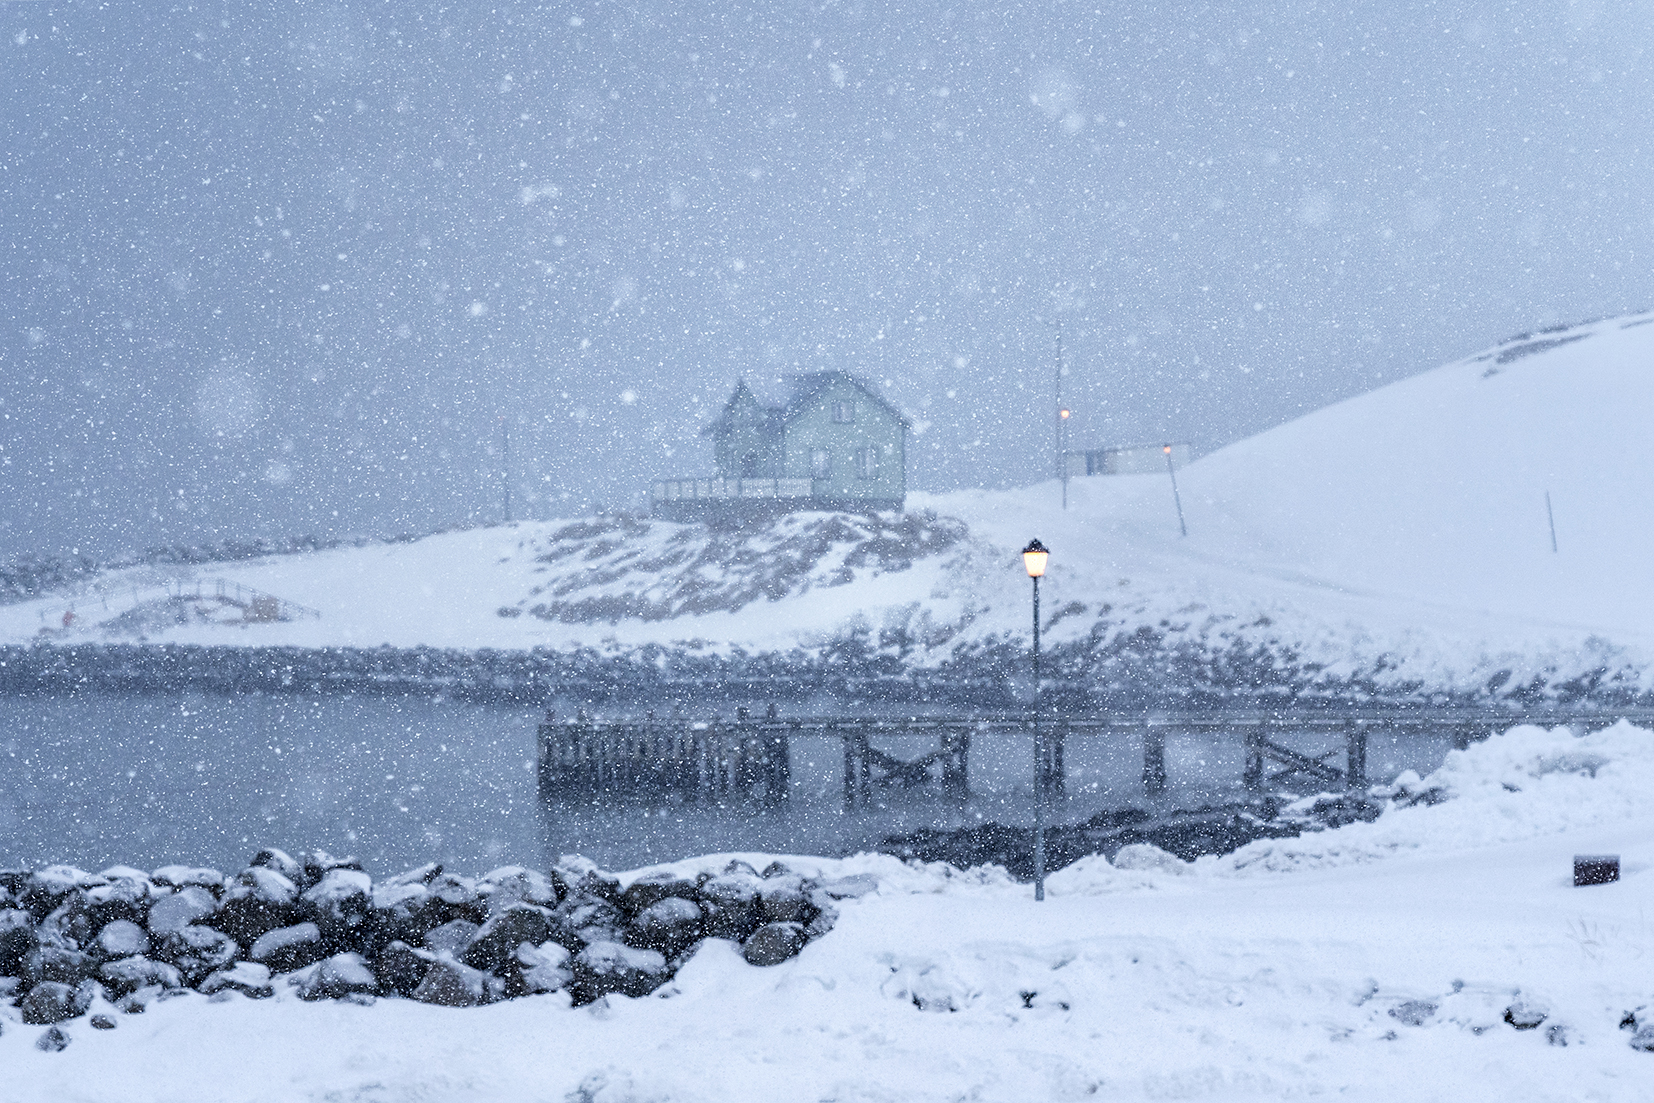 Hofsós flocons temête neige réverbère maison mer